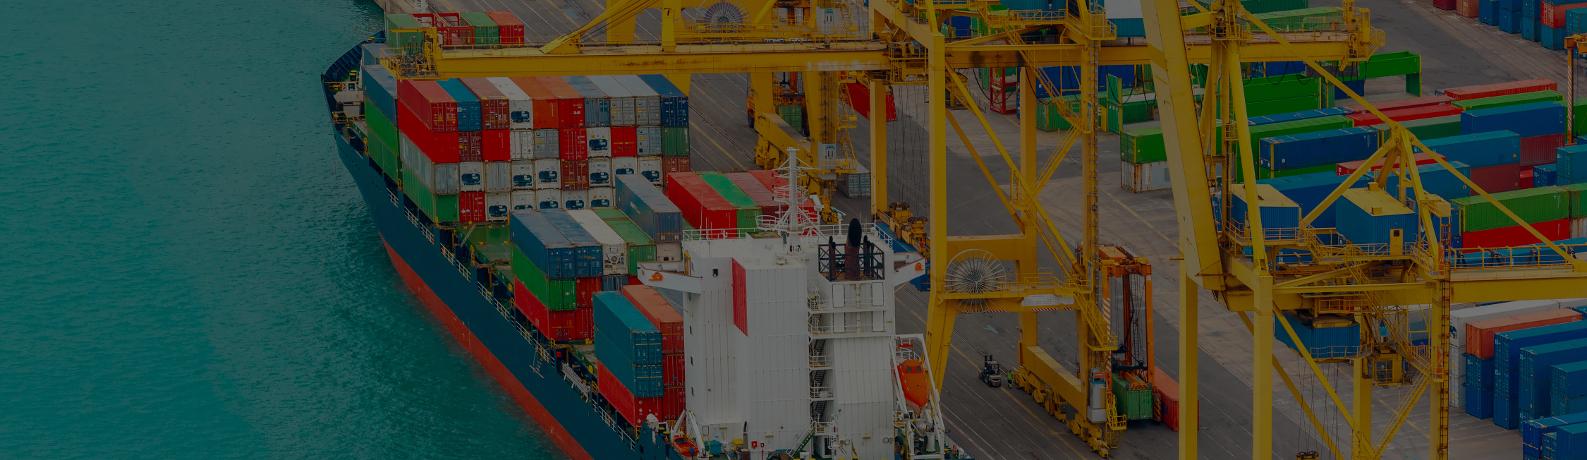 https://serpro.gov.br/clientes/secretaria-de-portos